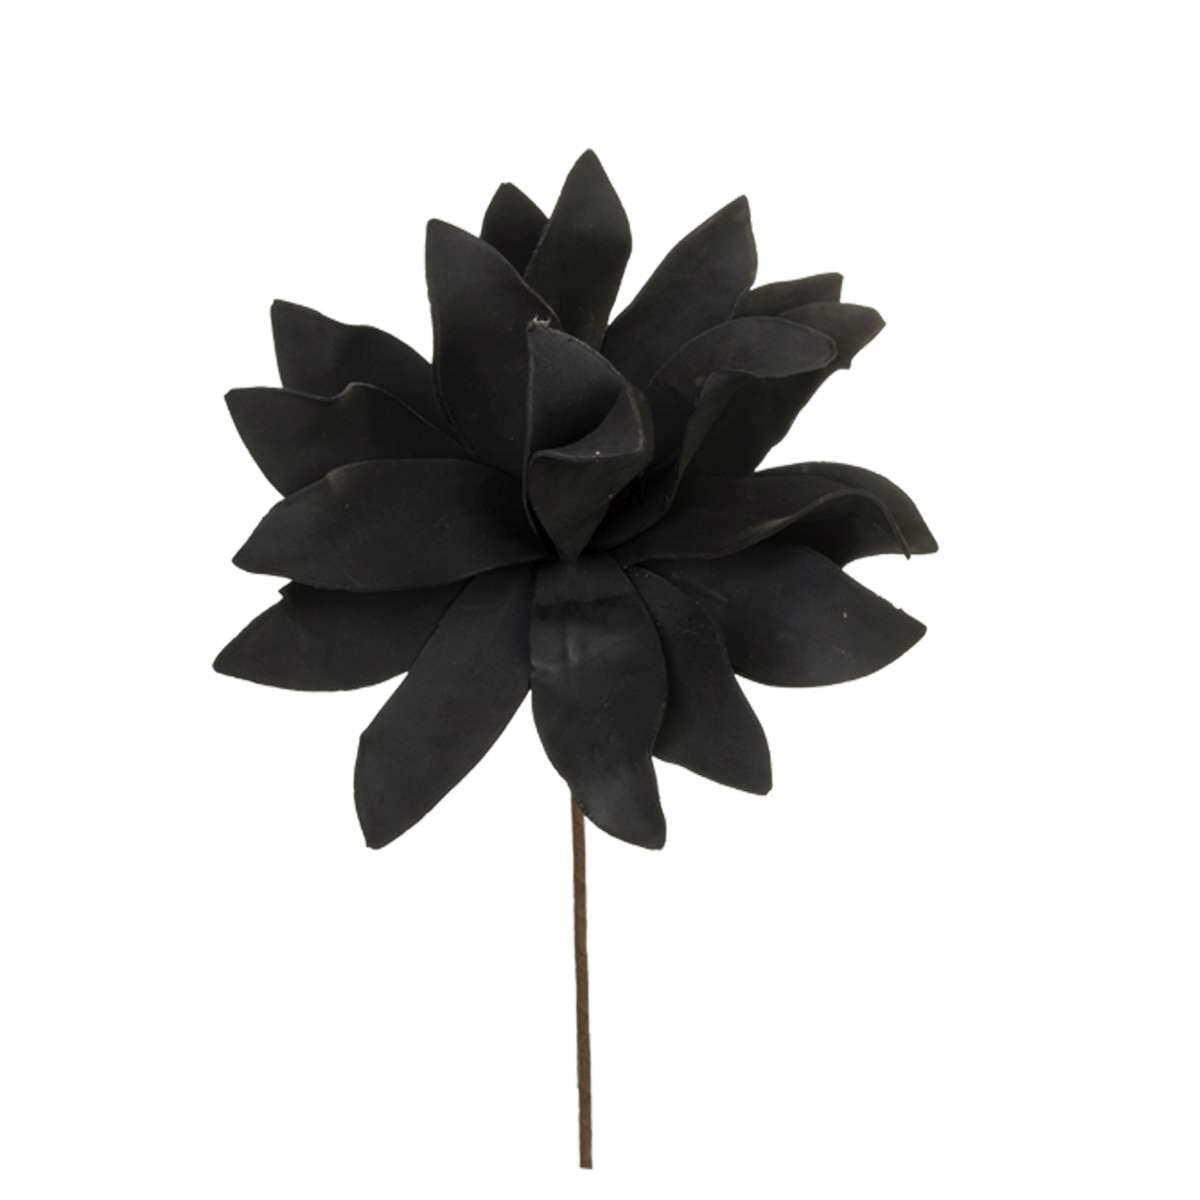 Λουλούδι διακοσμητικό μαύρο Υ60cm